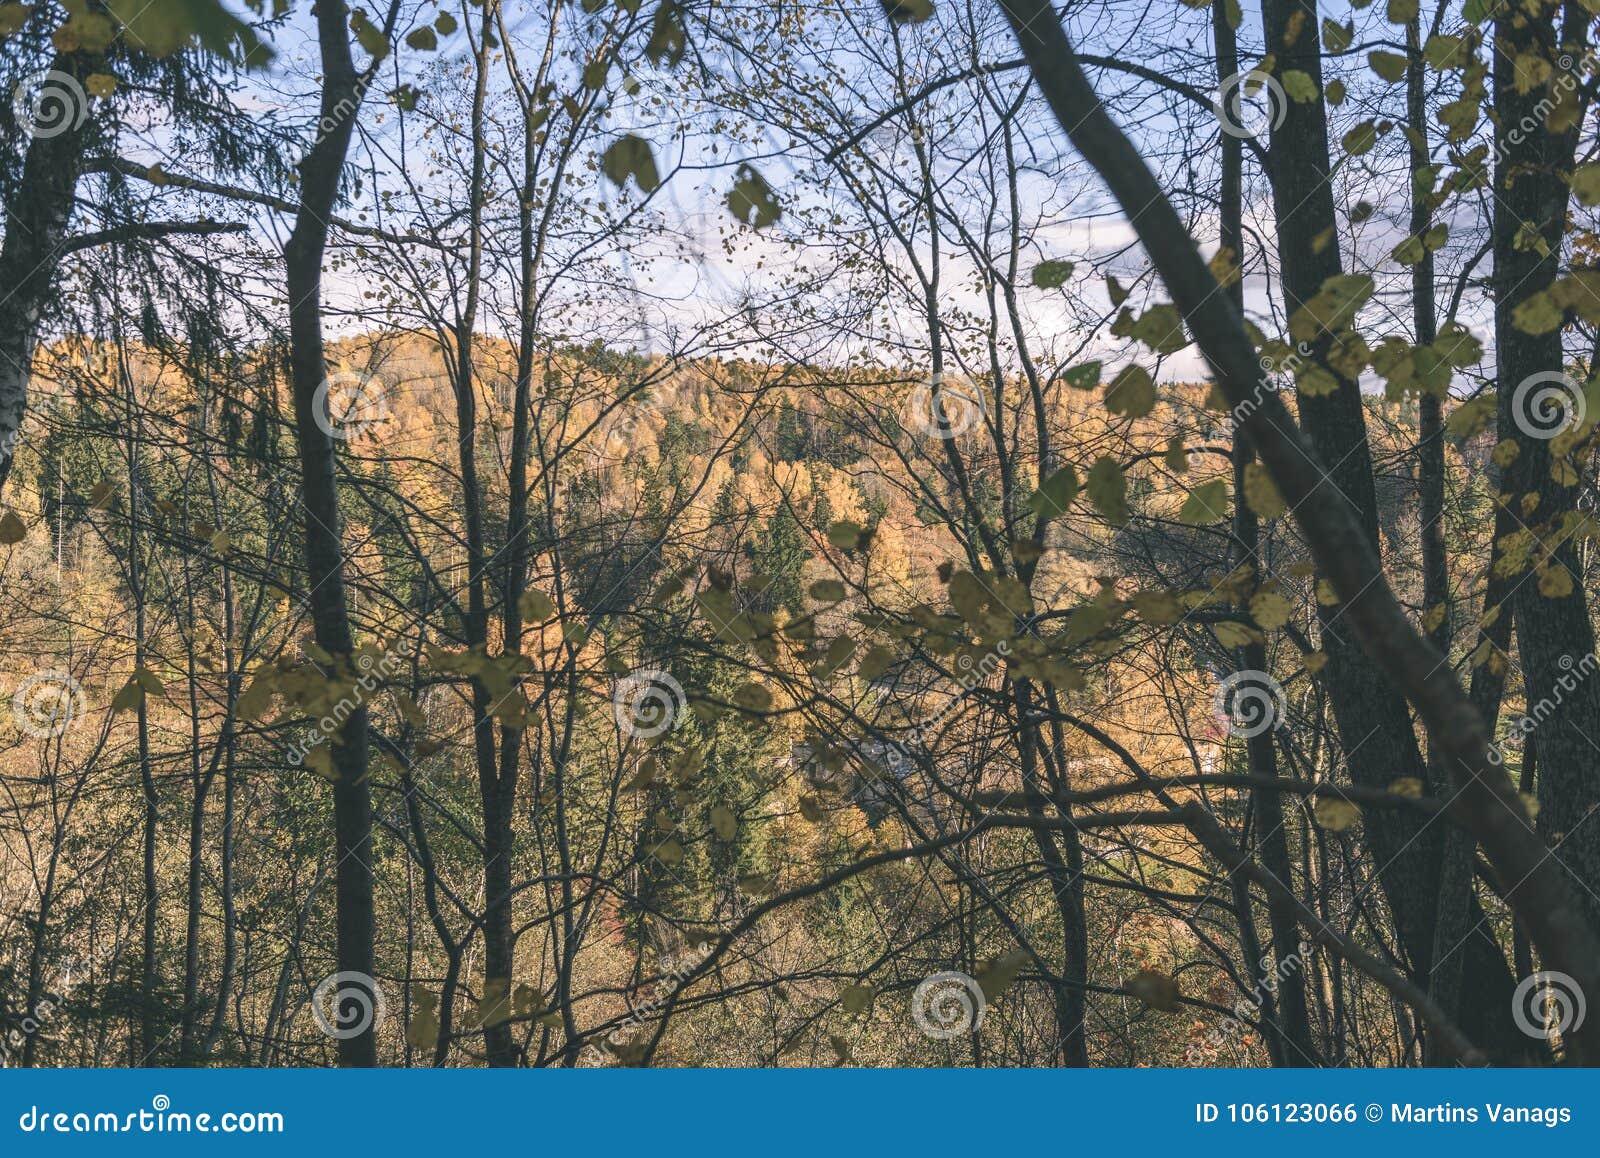 ο χρυσός φθινοπώρου χρωμάτισε τα φύλλα στο φωτεινό φως του ήλιου - εκλεκτής ποιότητας αναδρομικό FI